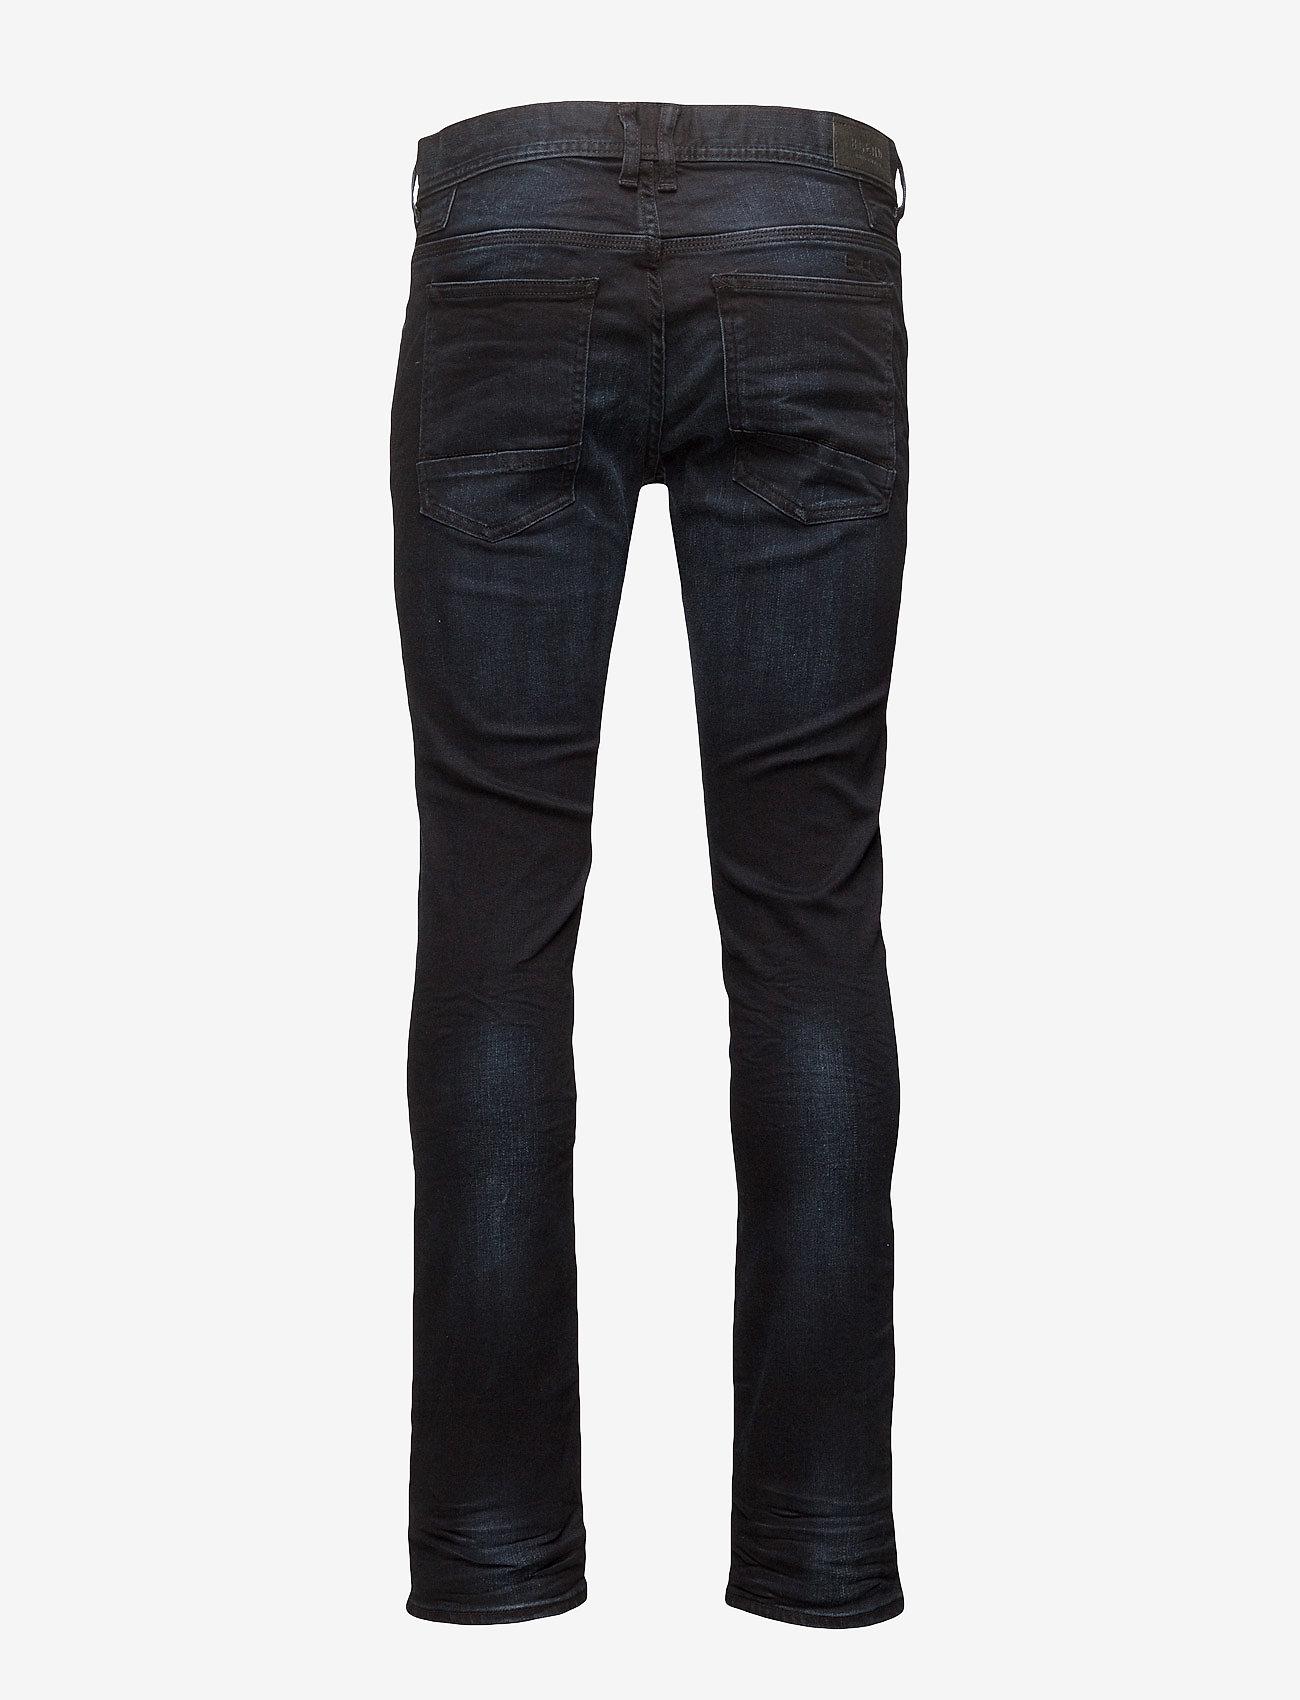 Blend - Jeans - NOOS - slim jeans - black/blue